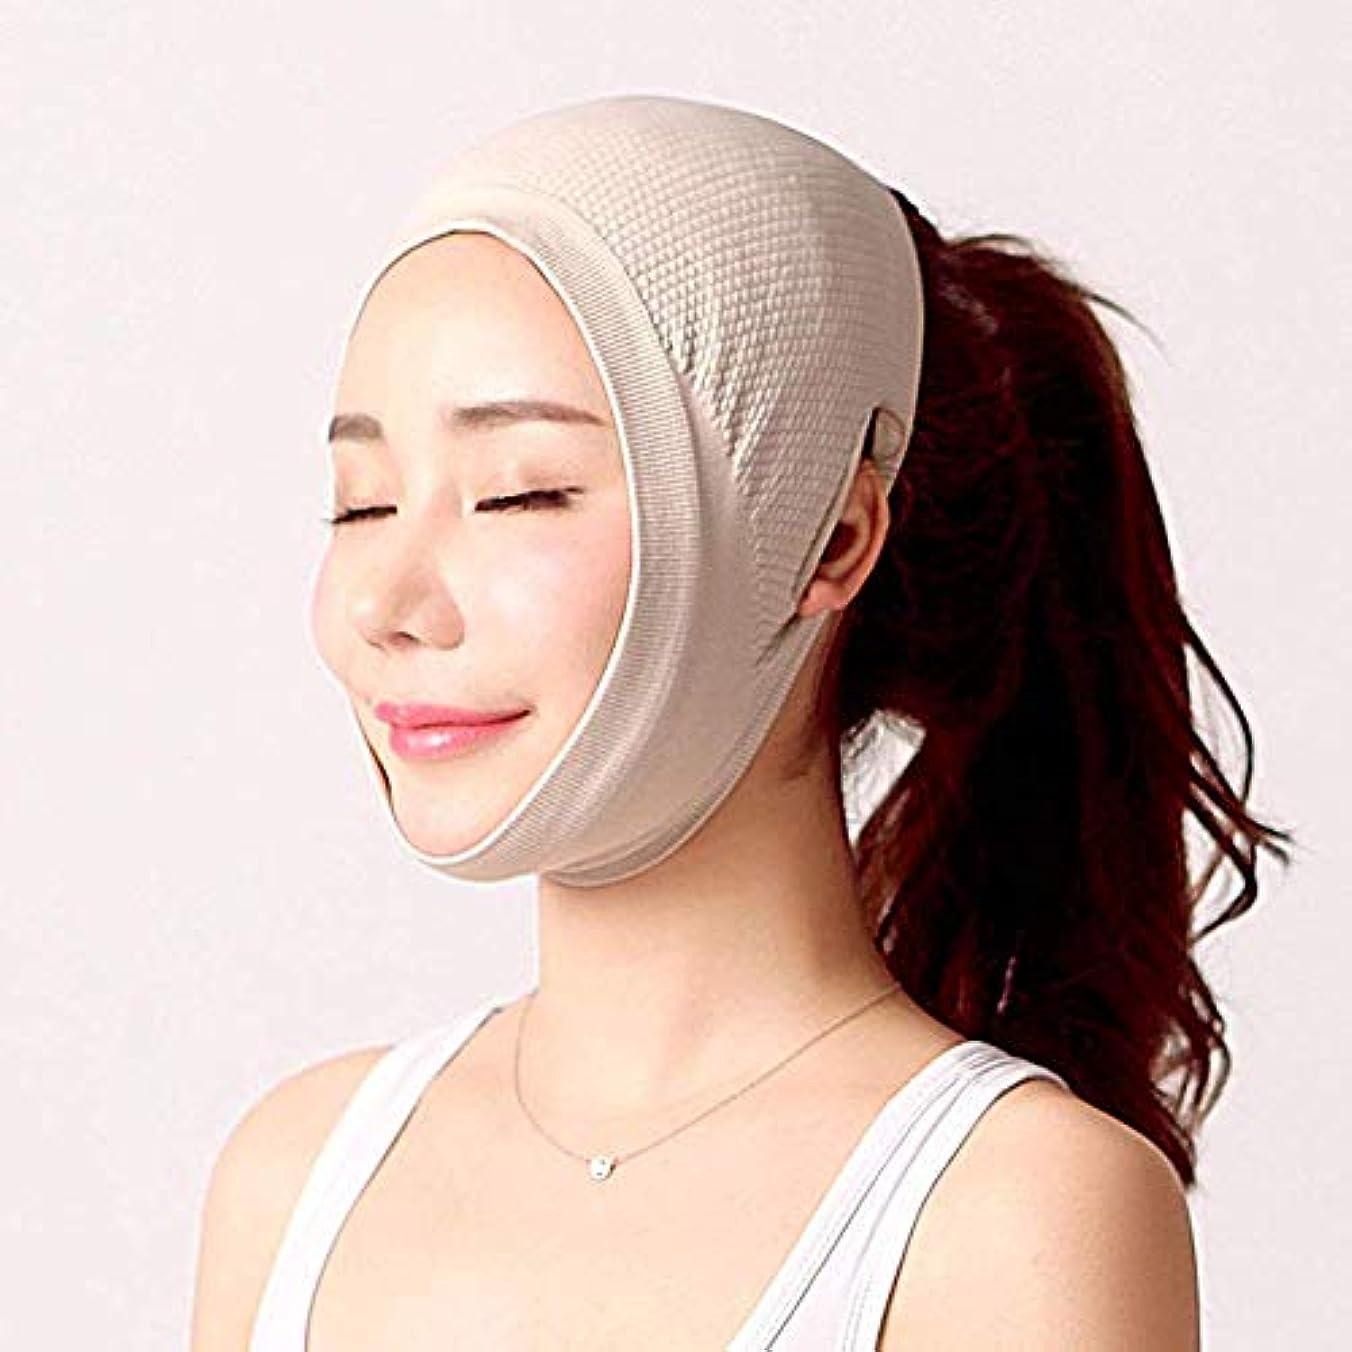 コントラスト第難しいフェイスリフトマスク、Vリフトフェイスフェイスリフト包帯痩身あご頬マスク顔/Vフェイスラインフルフェイス痩身/二重あご通気性